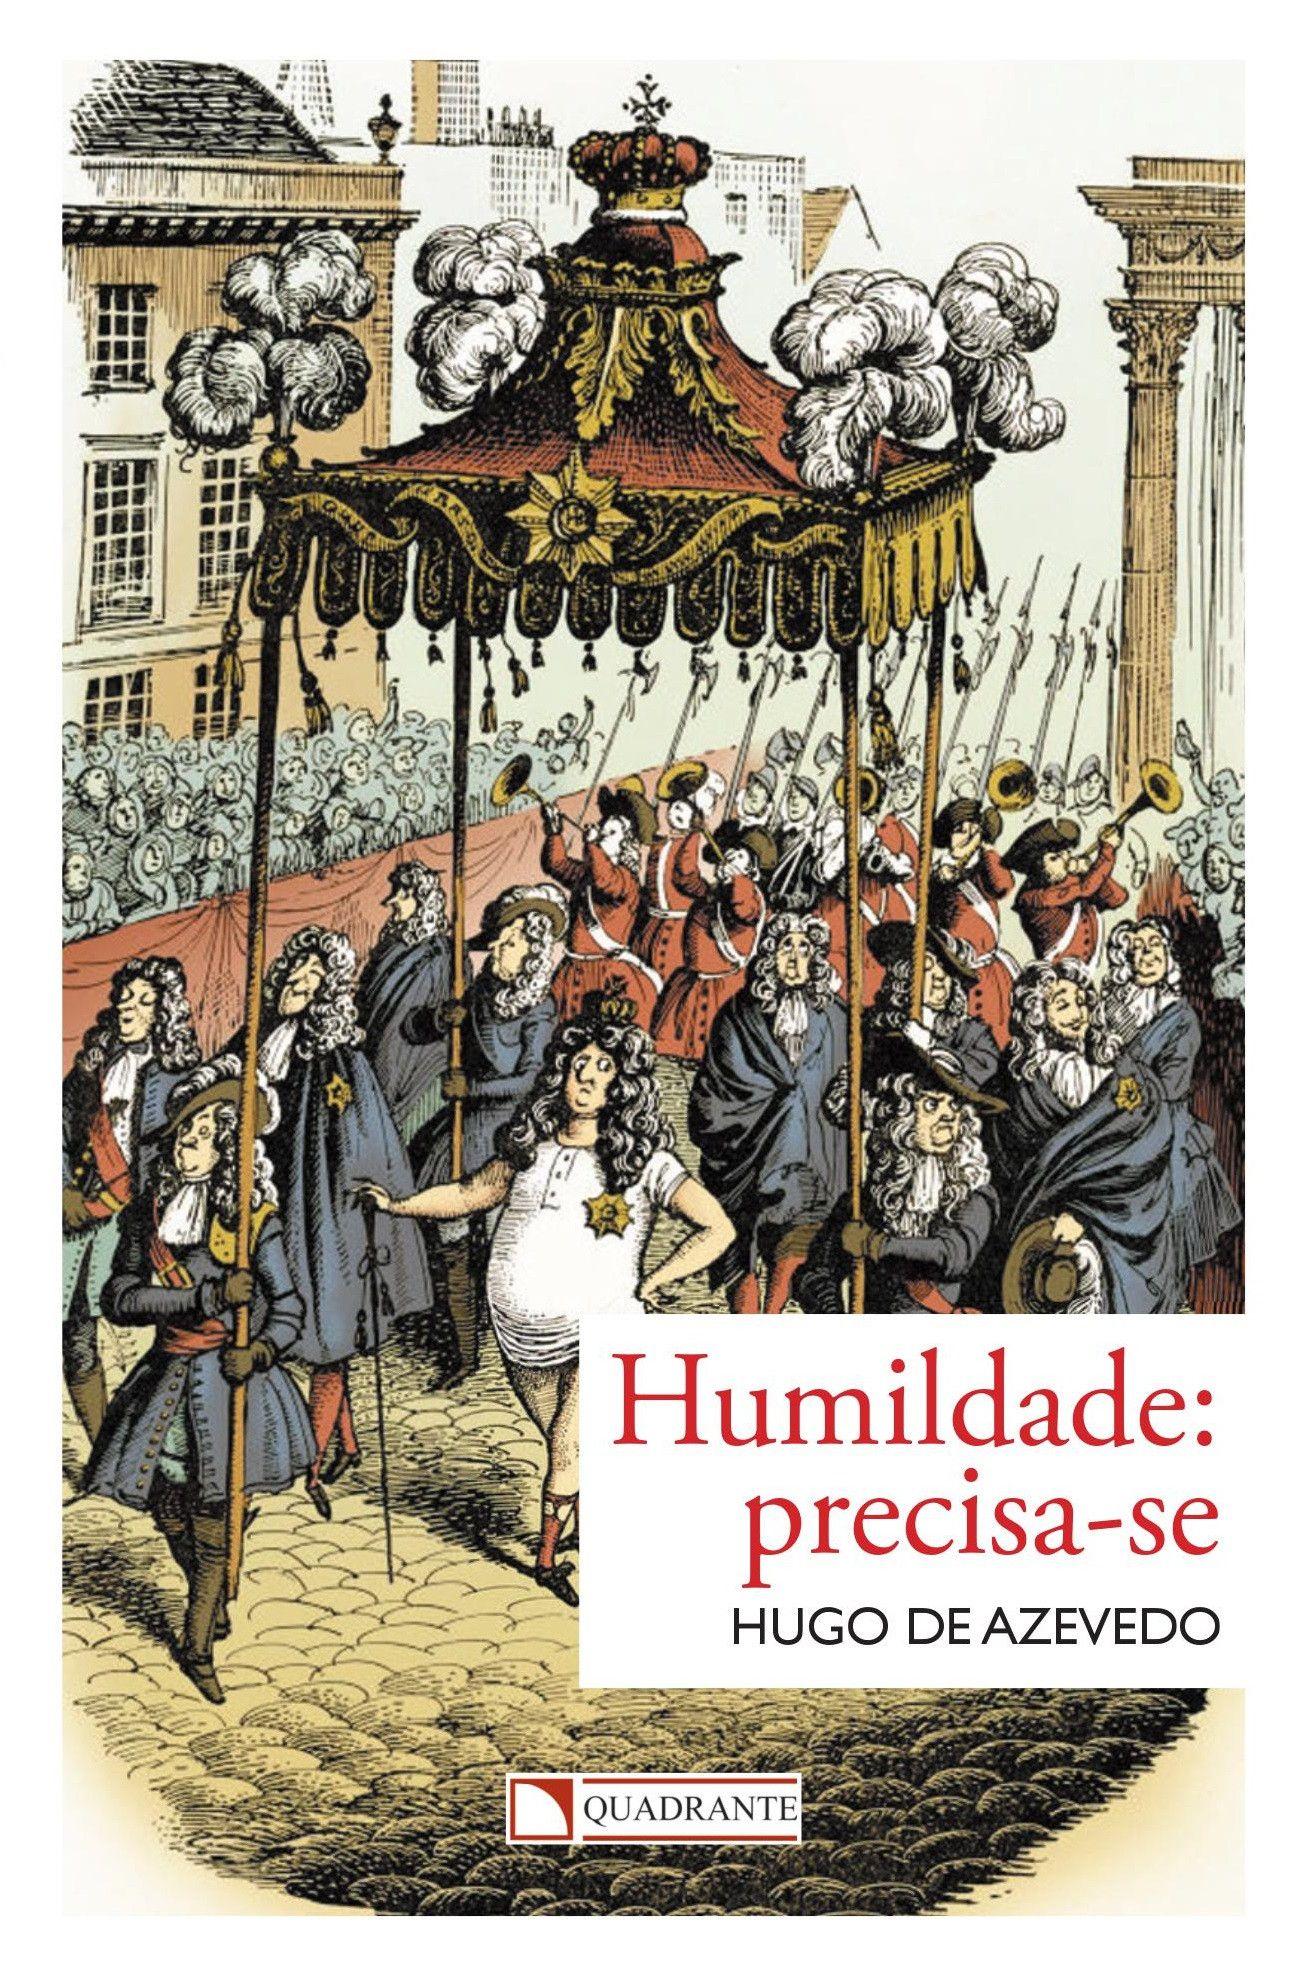 Livro Humildade: precisa-se